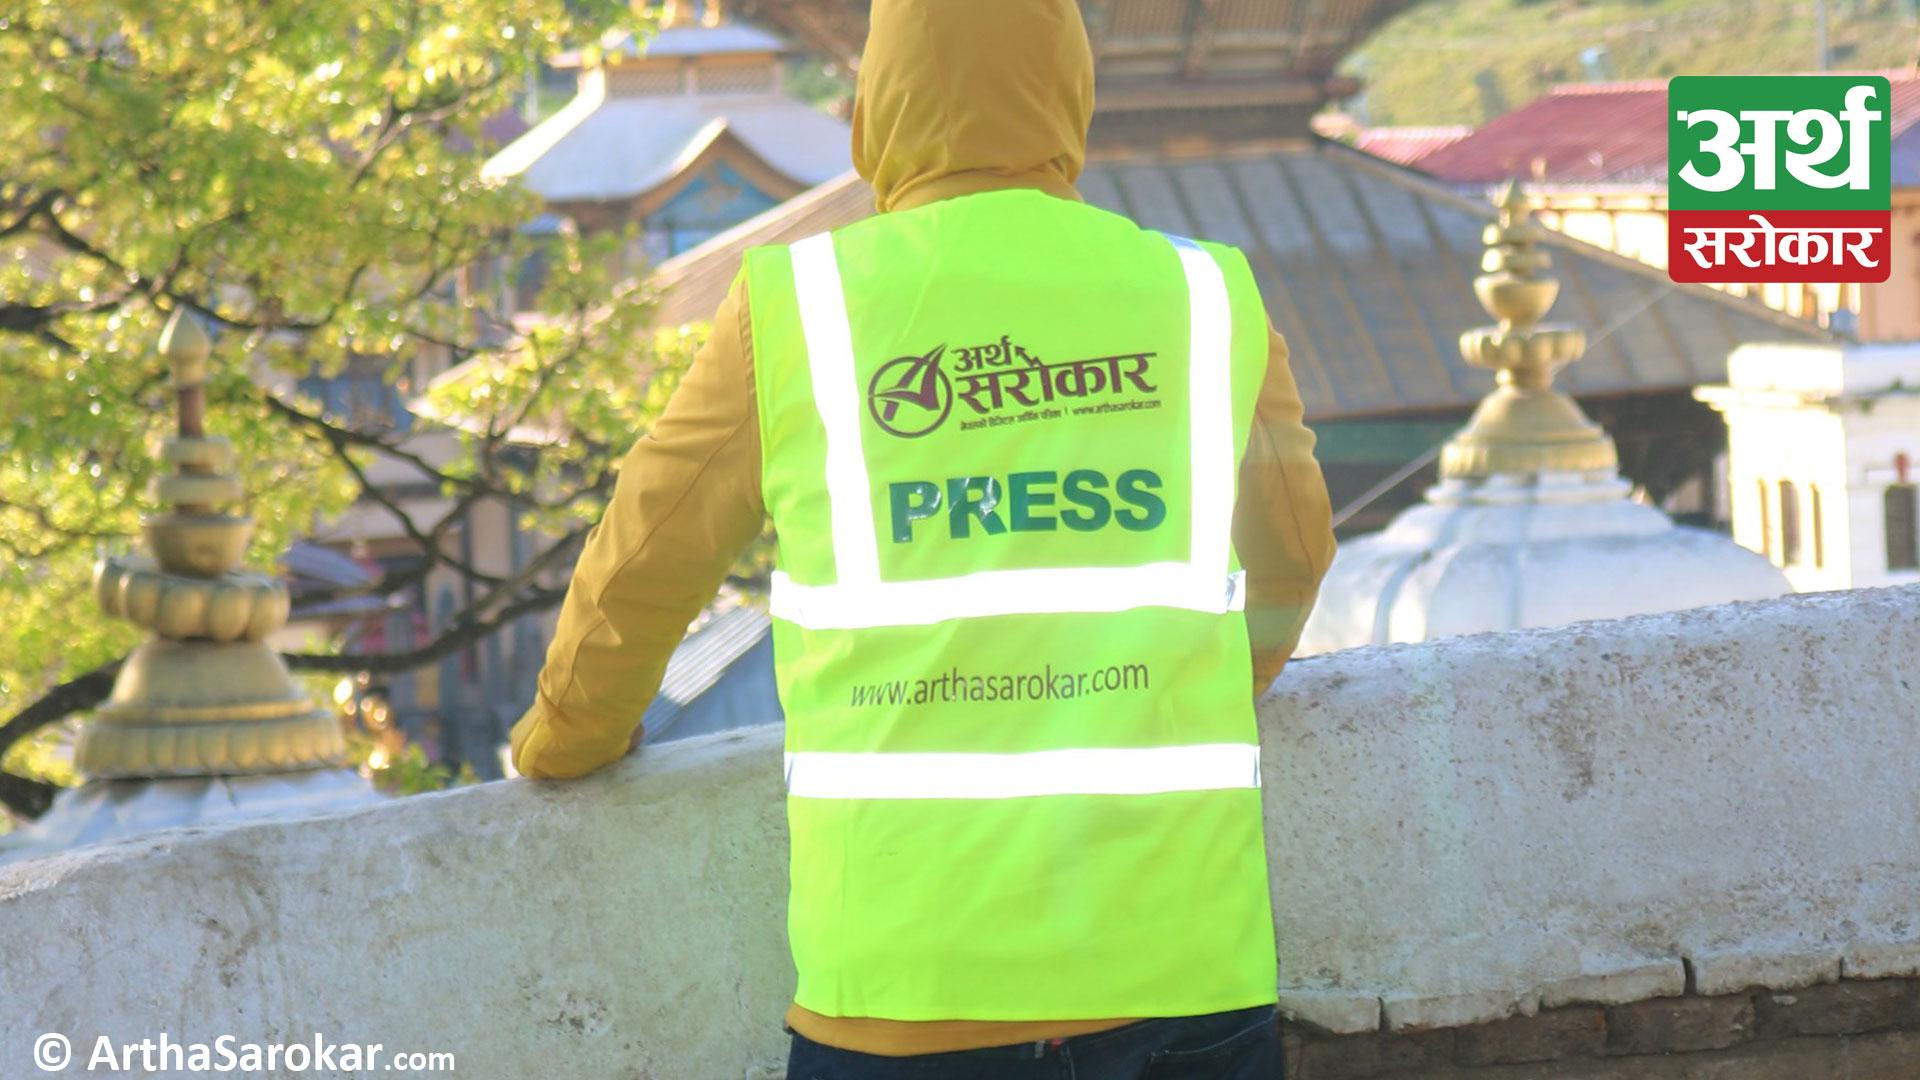 सुदूरपश्चिमका पत्रकारका लागि खुशीको खबरः स्वास्थ्य उपचारका लागि प्रदेश सरकारले ल्यायो ४० लाखको बजेट !